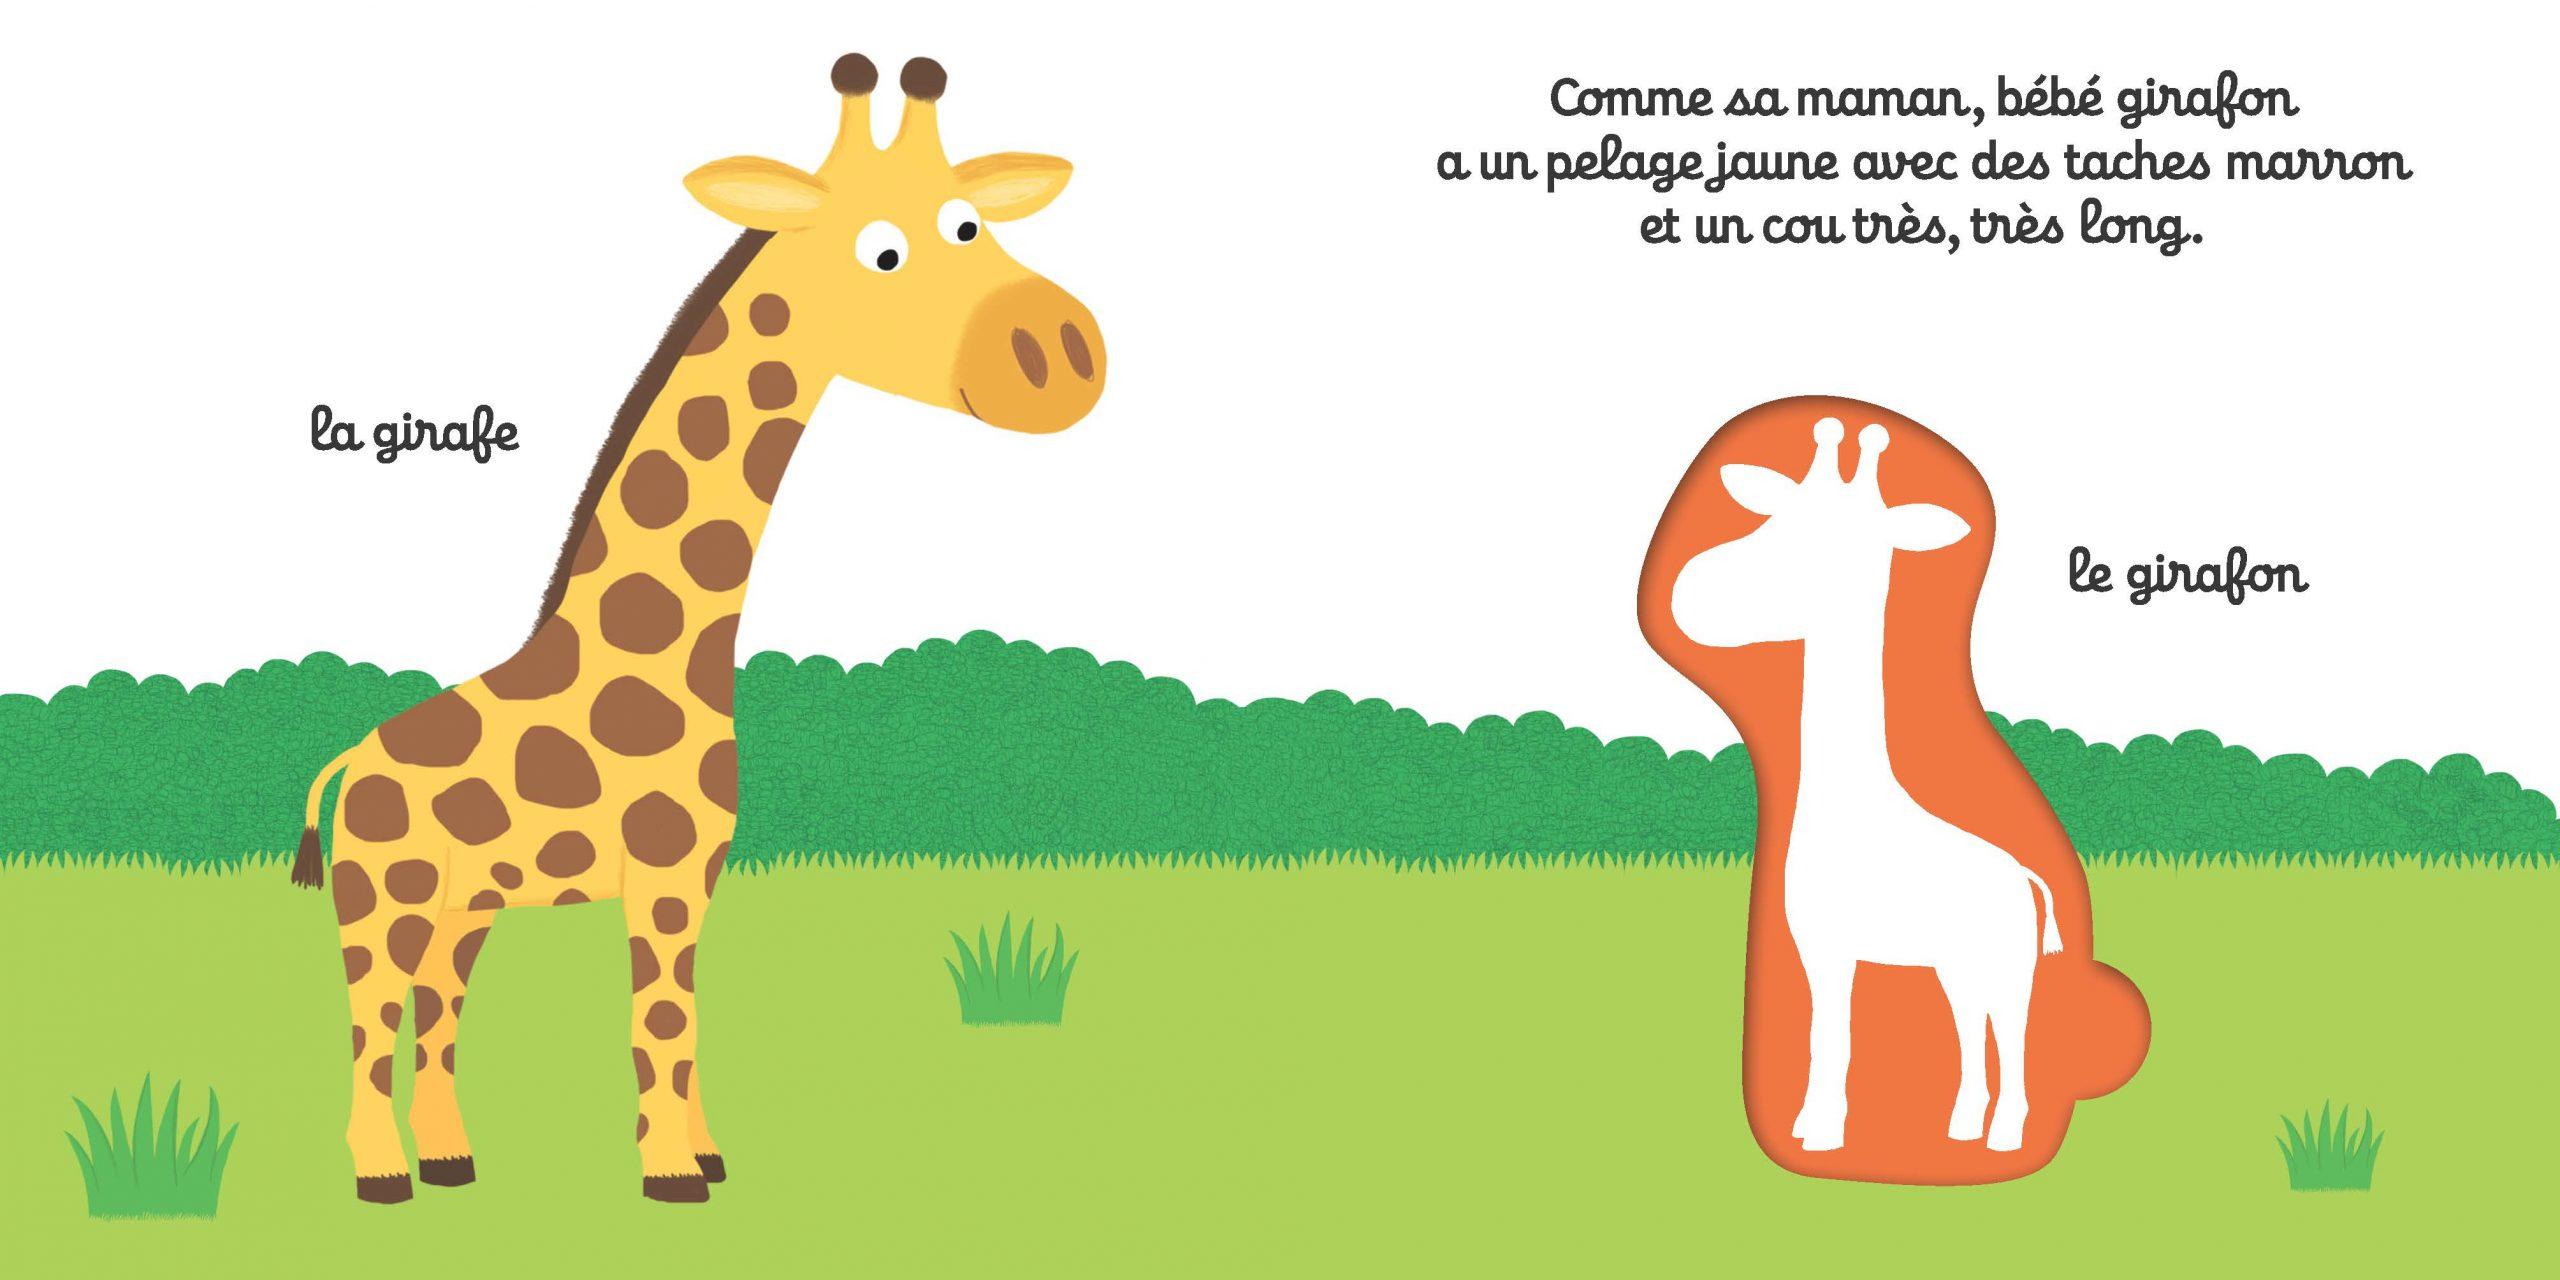 Les Bébés De La Savane - Mon 1Er Imagier À Encastrer concernant Imagier Bébé En Ligne